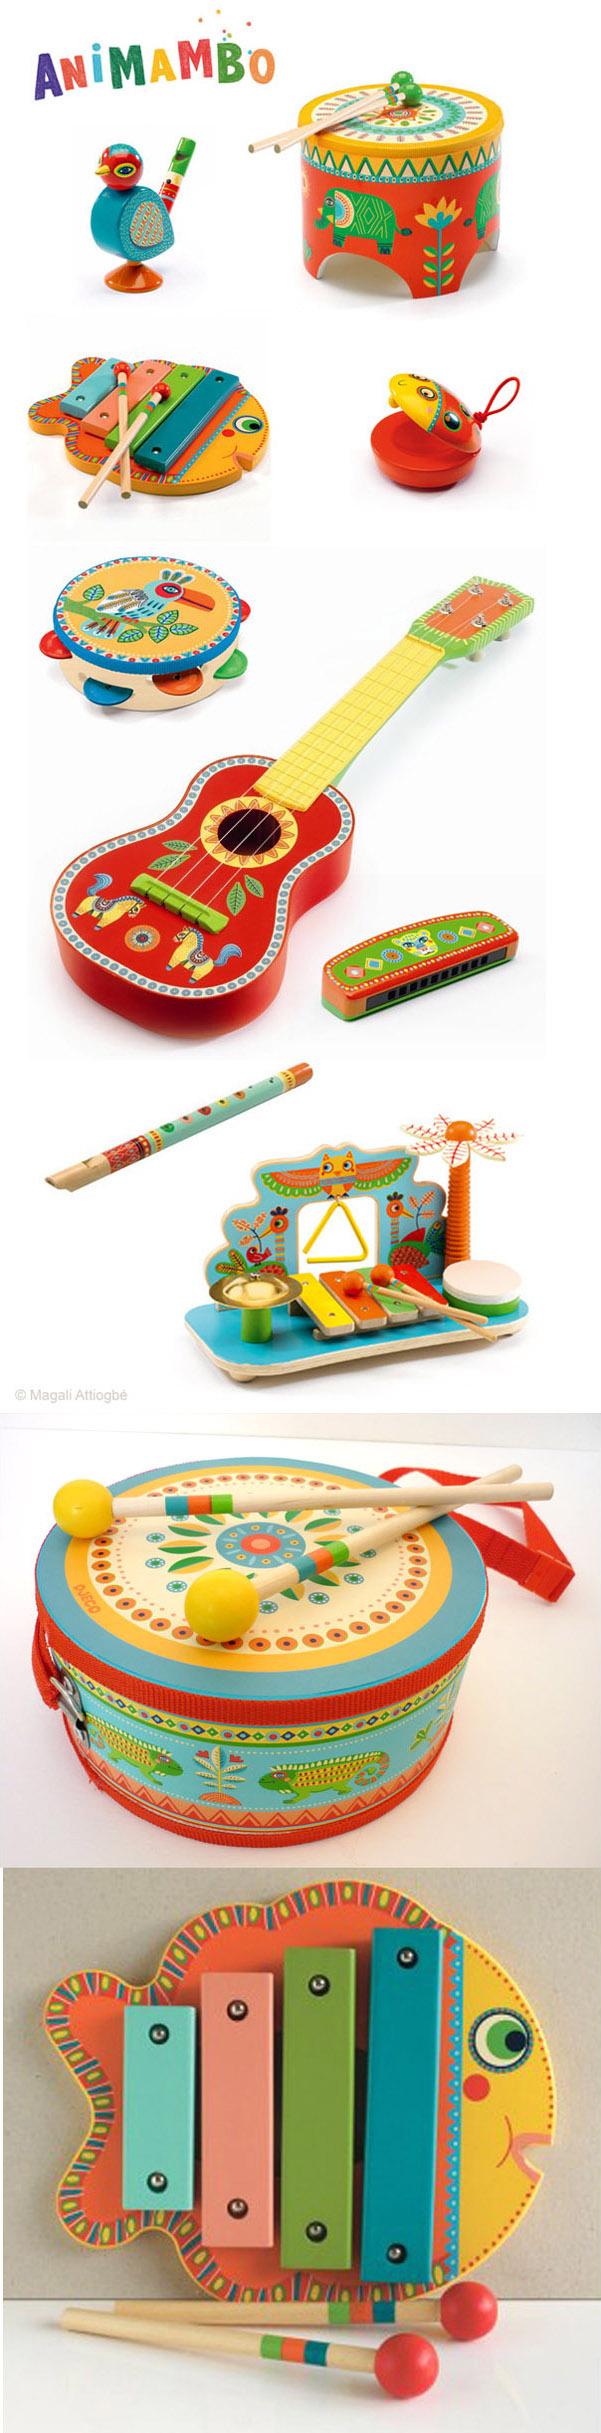 attiogbe_instruments_musique